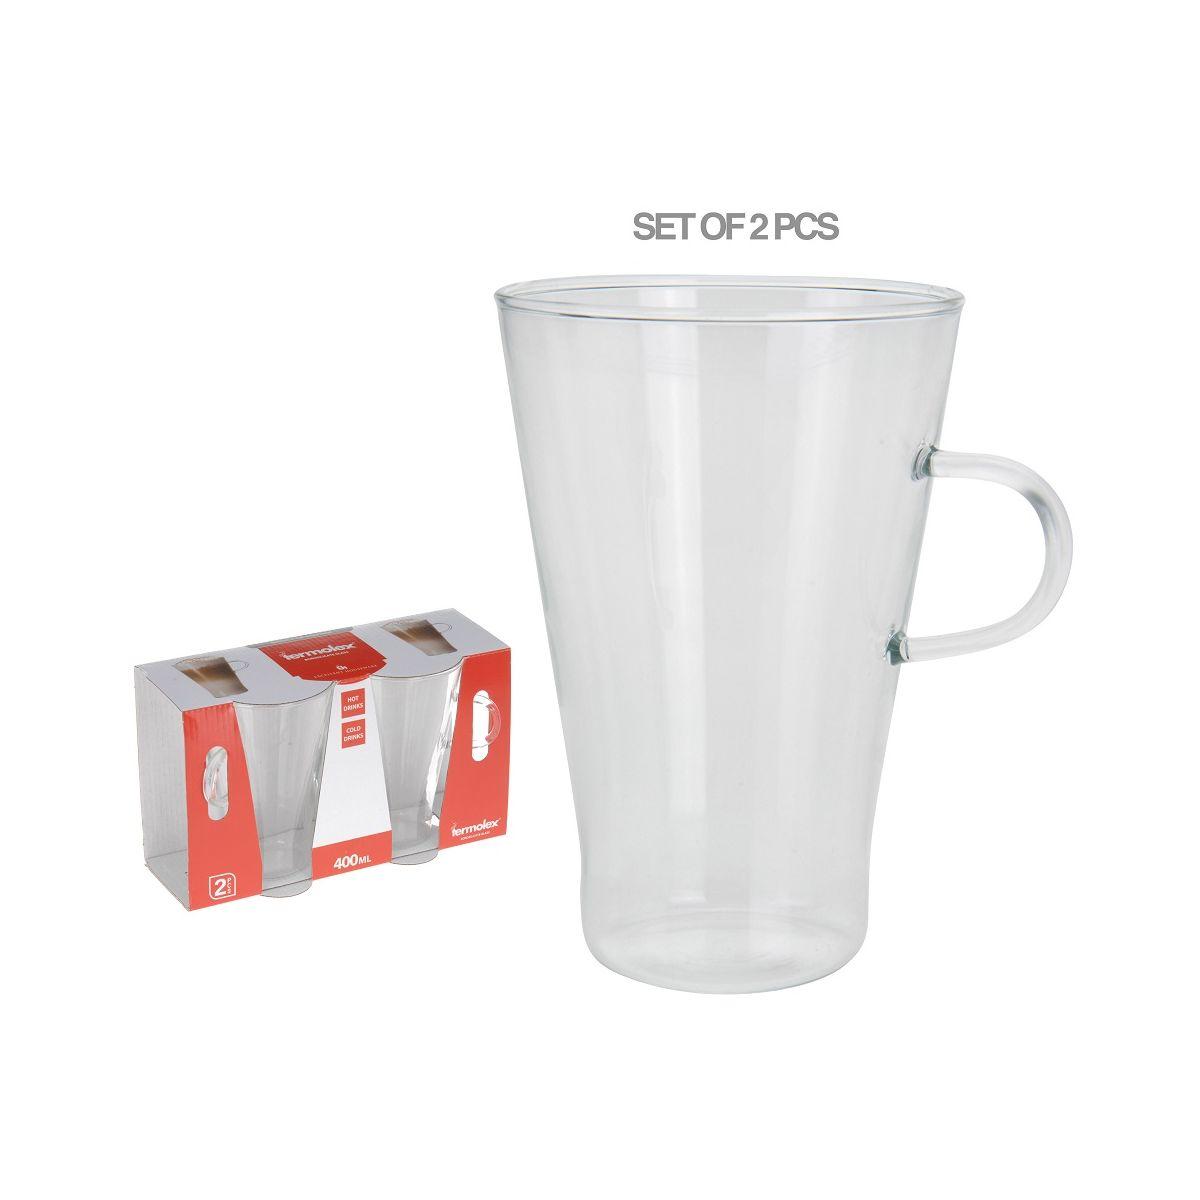 Набор кружек 2 шт. д/чая и кофе 400 млкружка для чая/ кофе, наб. 2 шт, об. 400 мл<br>